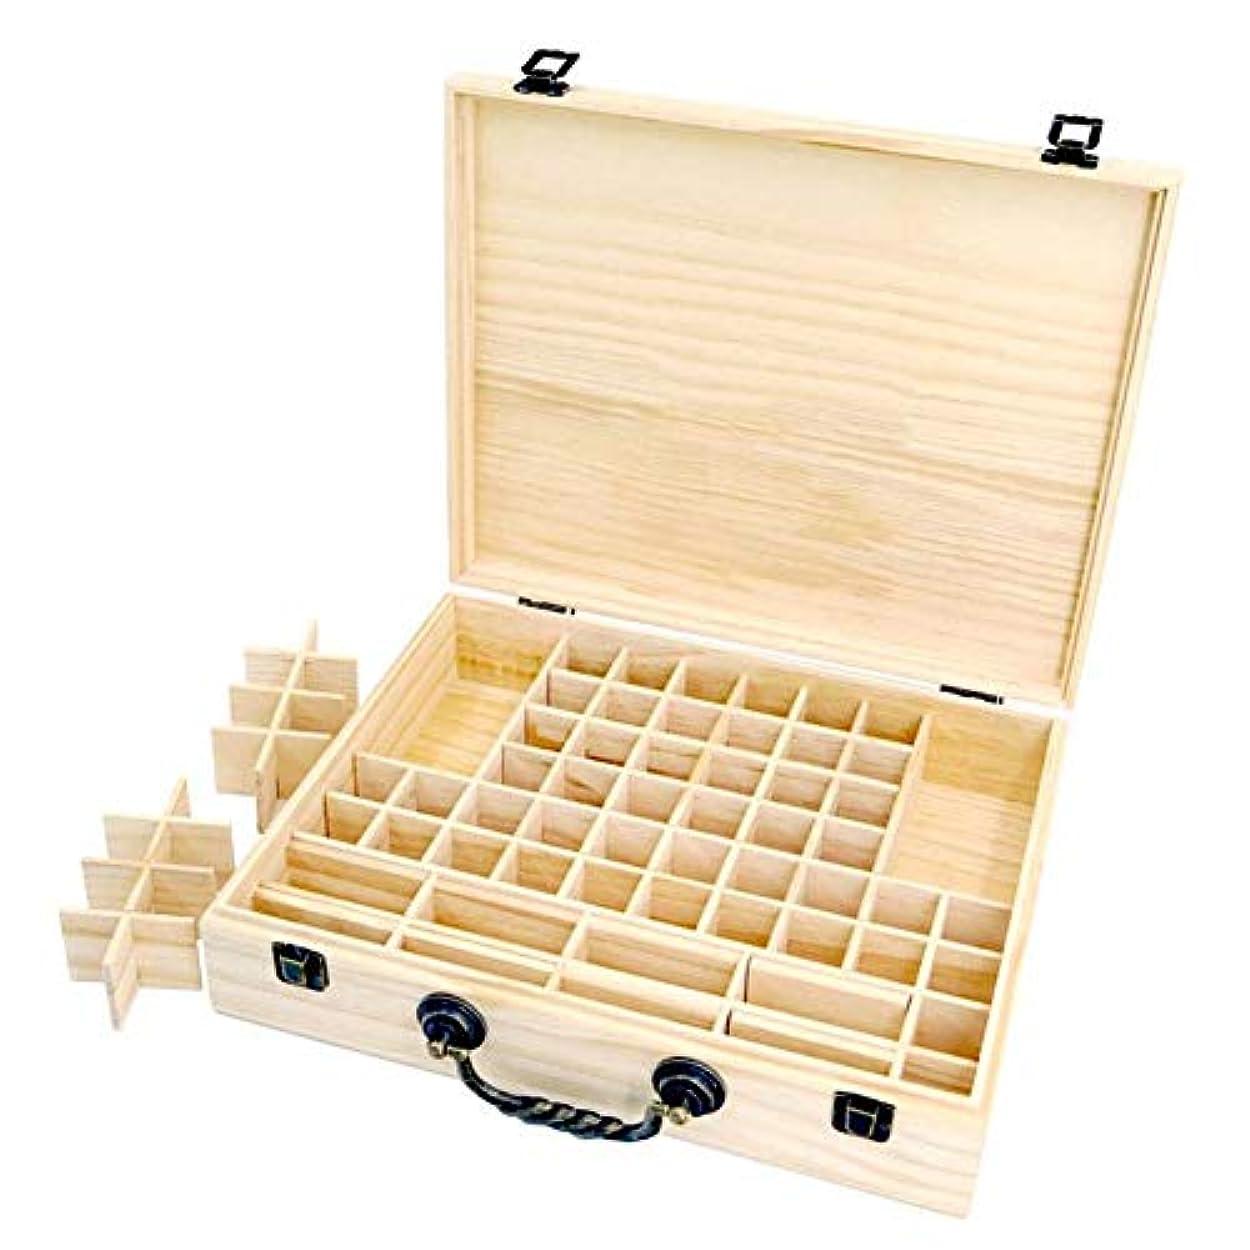 せっかちまたはどちらかペンスエッセンシャルオイル収納ボックス 純木の精油の収納箱 香水収納ケース アロマオイル収納ボックス 70本用